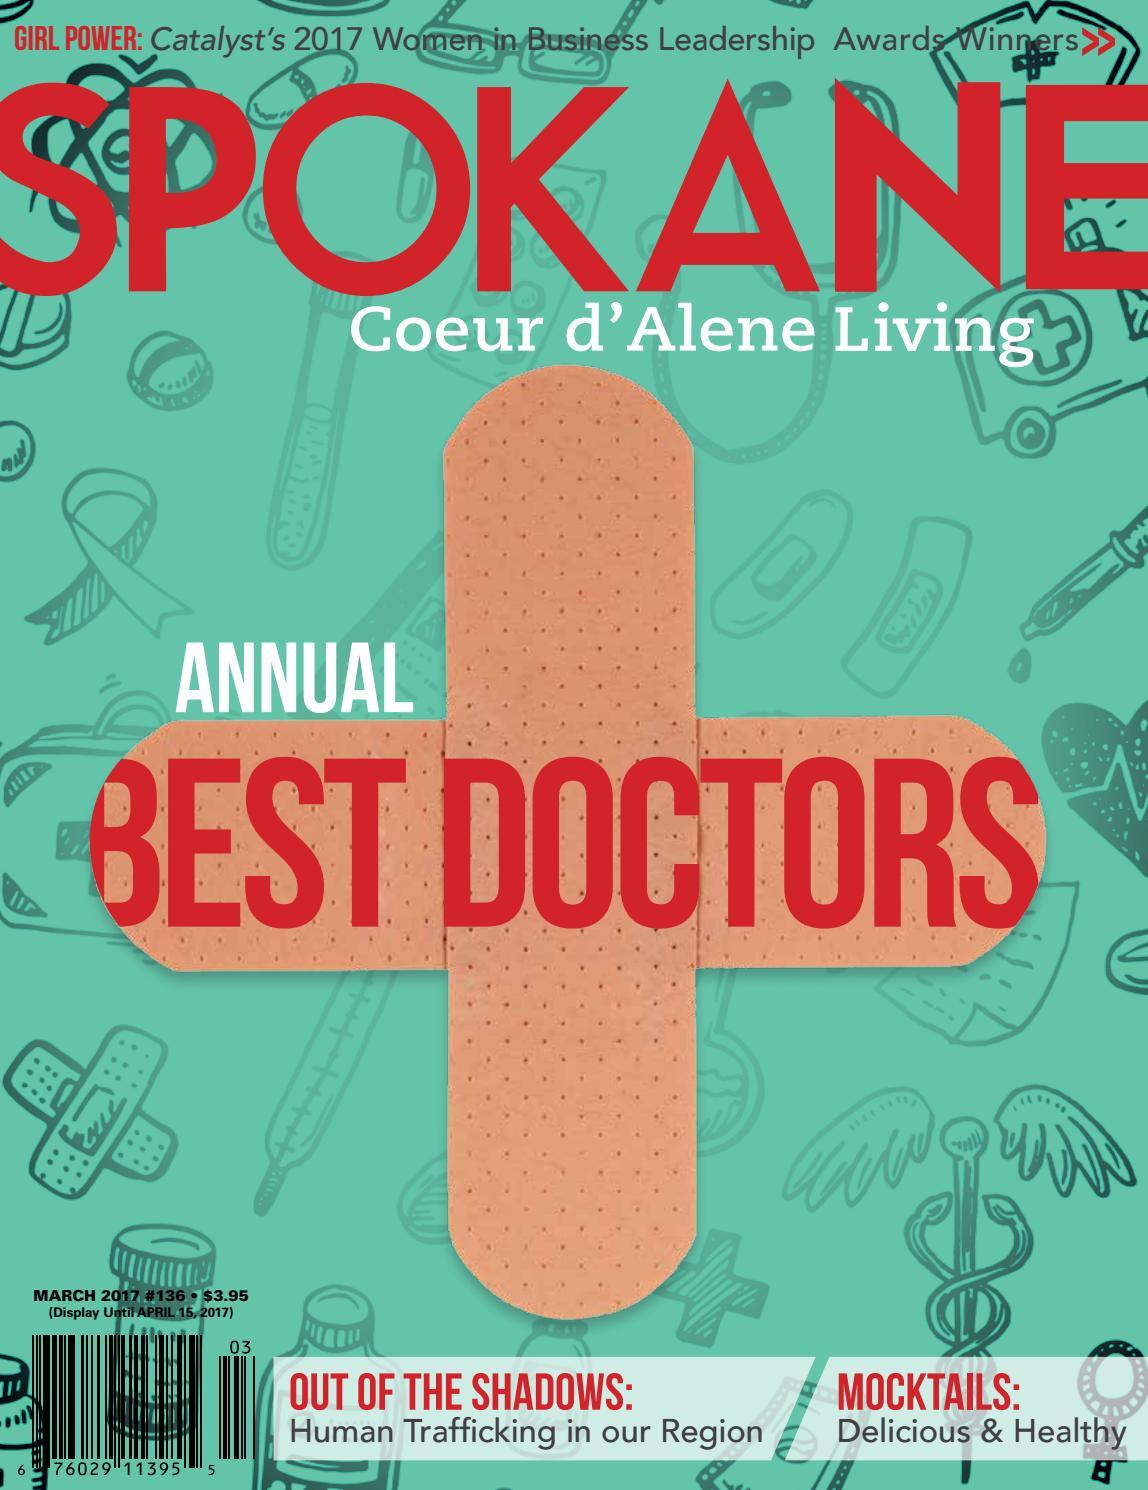 Spokane Cda Living March 2017 136 By Spokane Coeur D Alene Living